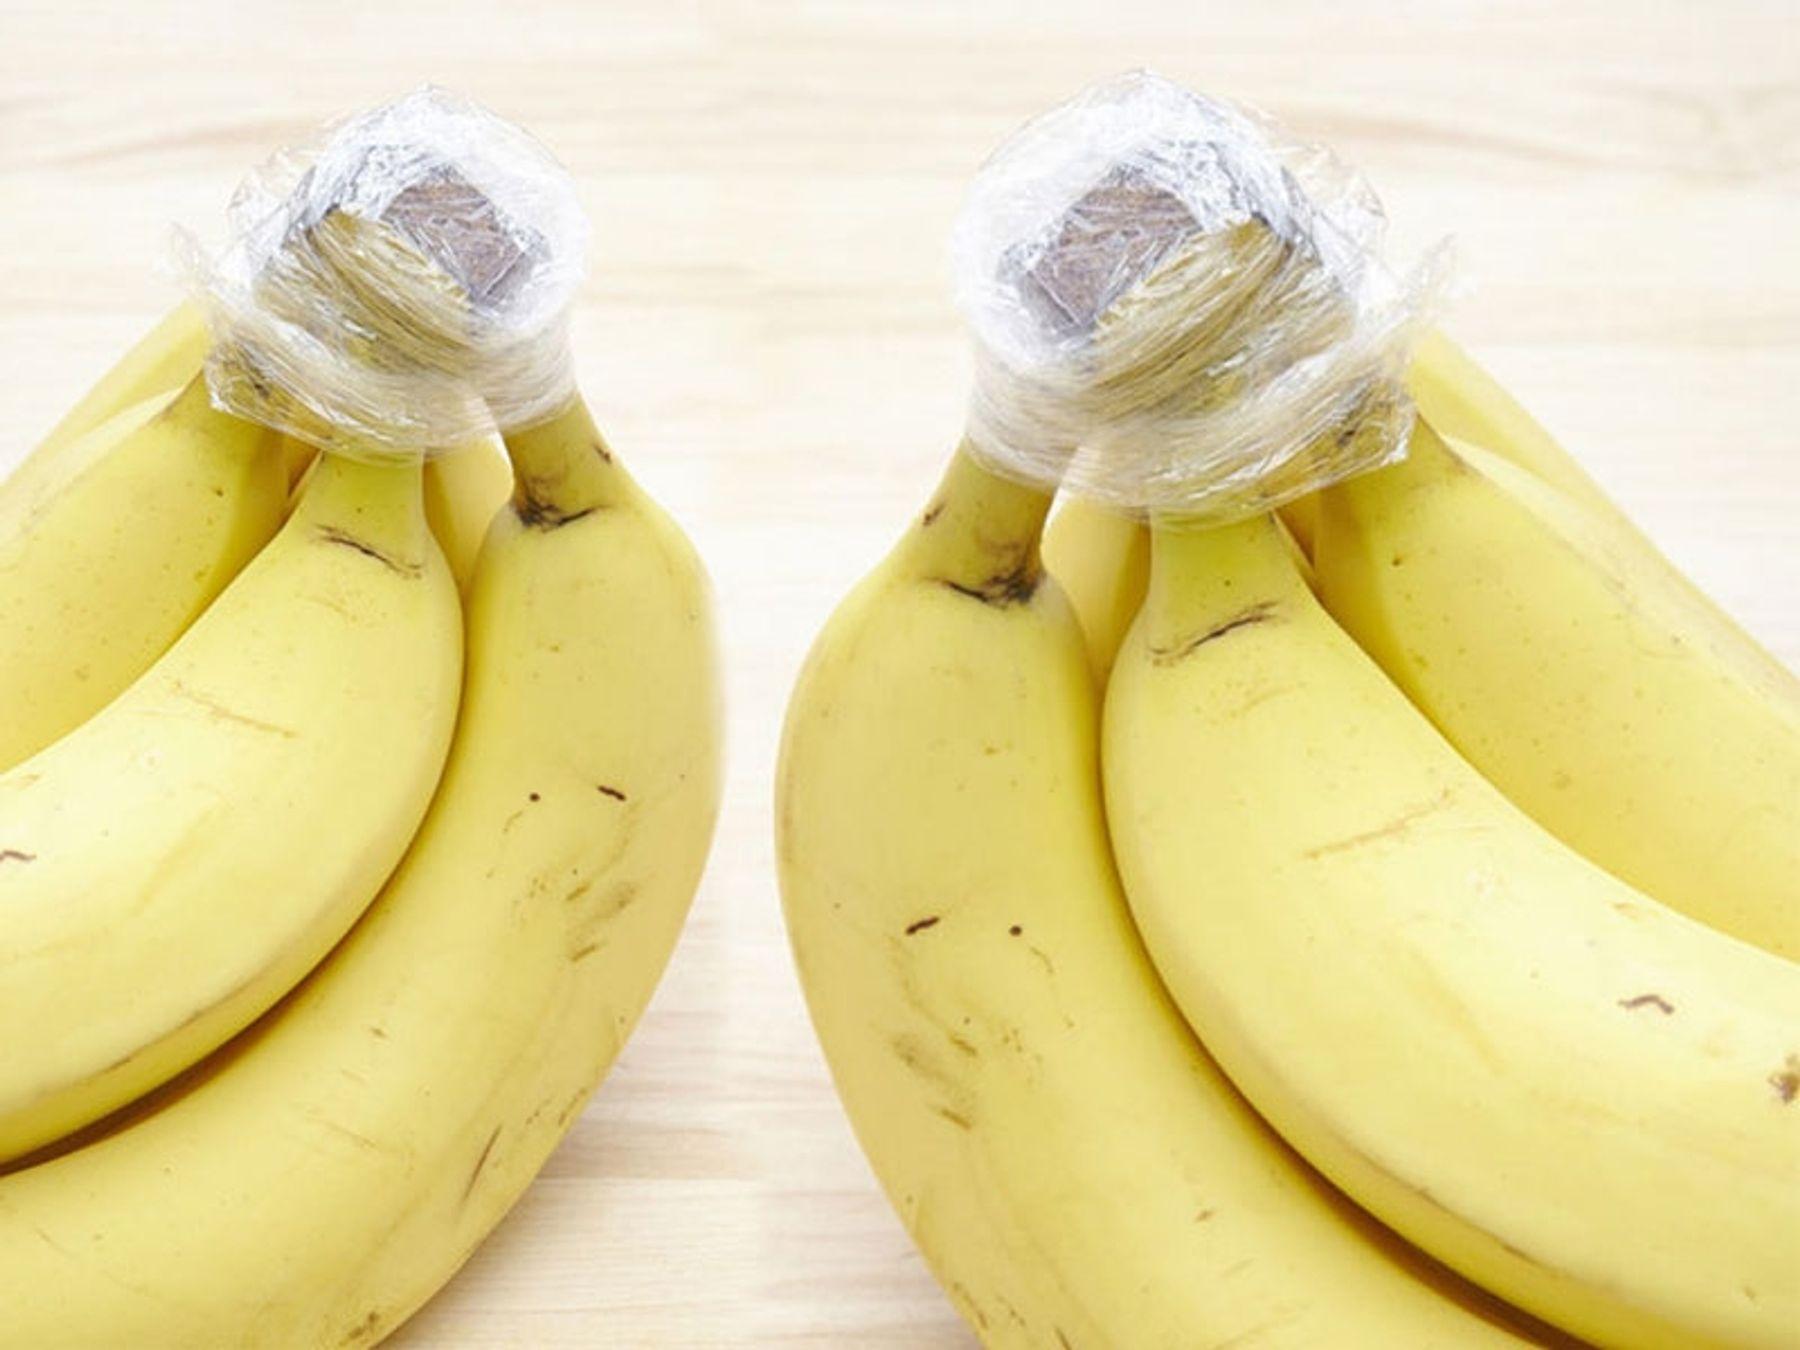 Cách bảo quản chuối chín trong tủ lạnh bằng màng bọc thực phẩm